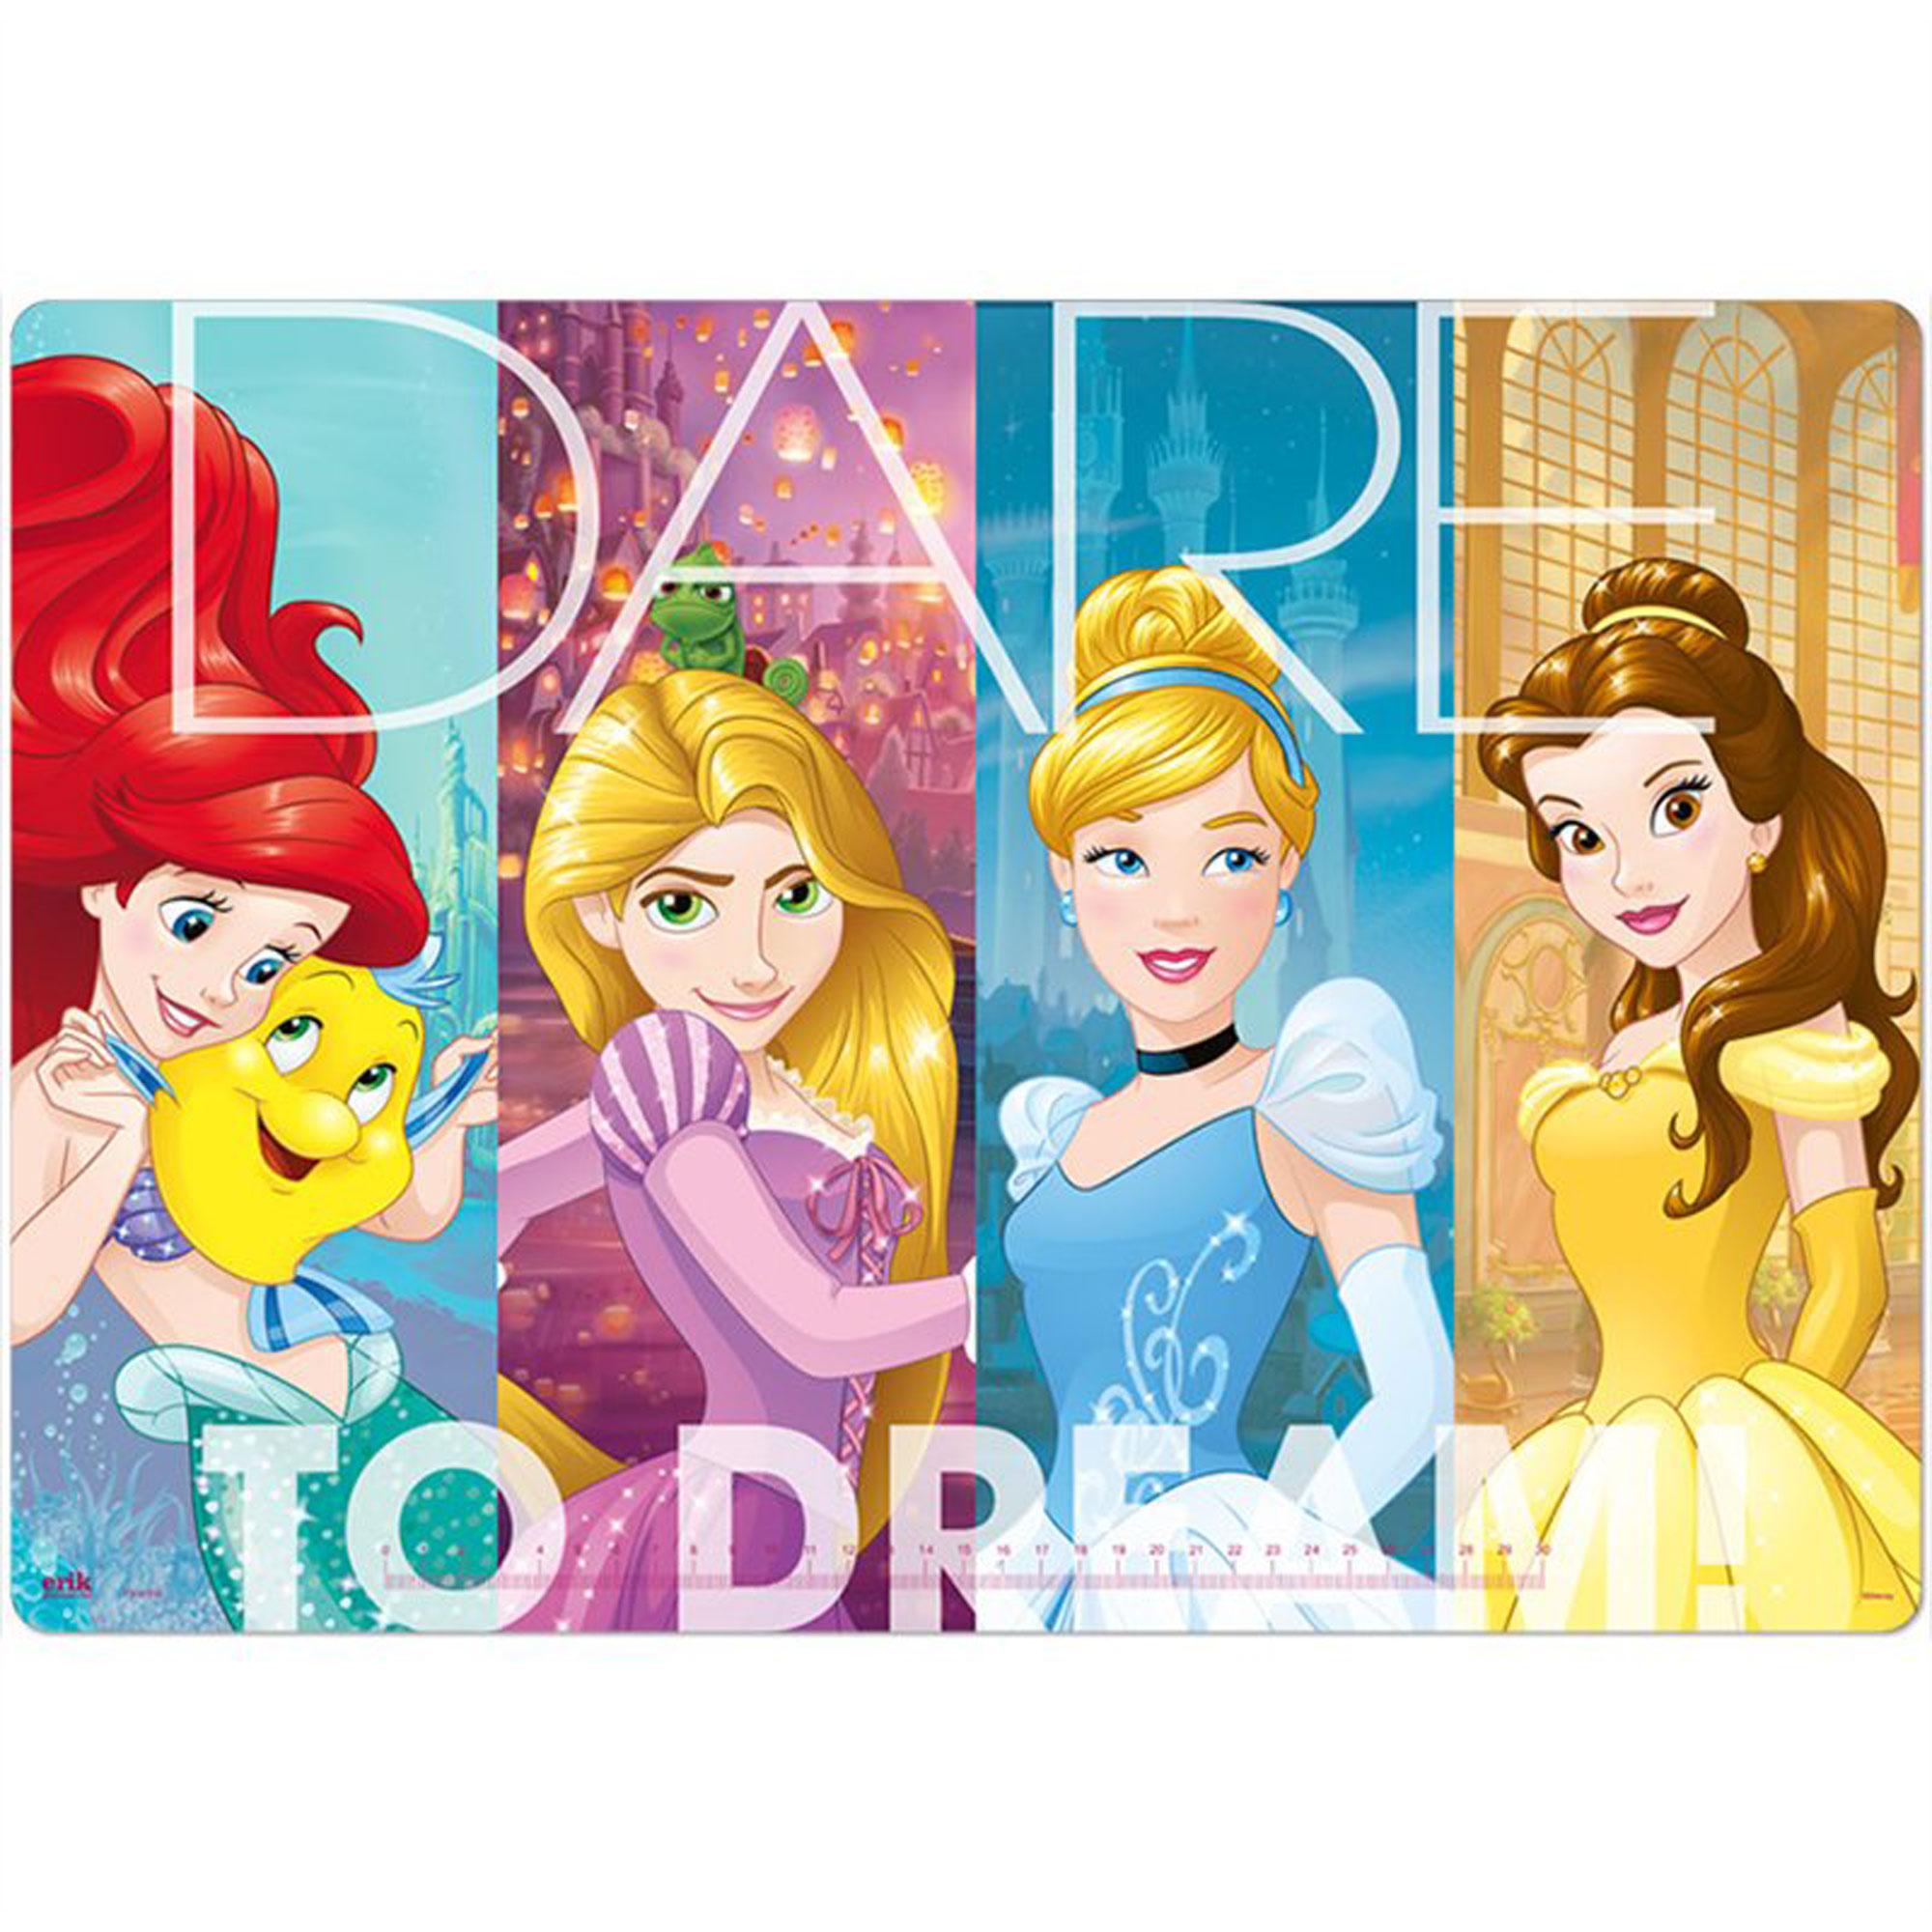 DK02 Disney Princess PVC Schreibtischunterlage 50 x 35cm mit 2 Seitenfächern